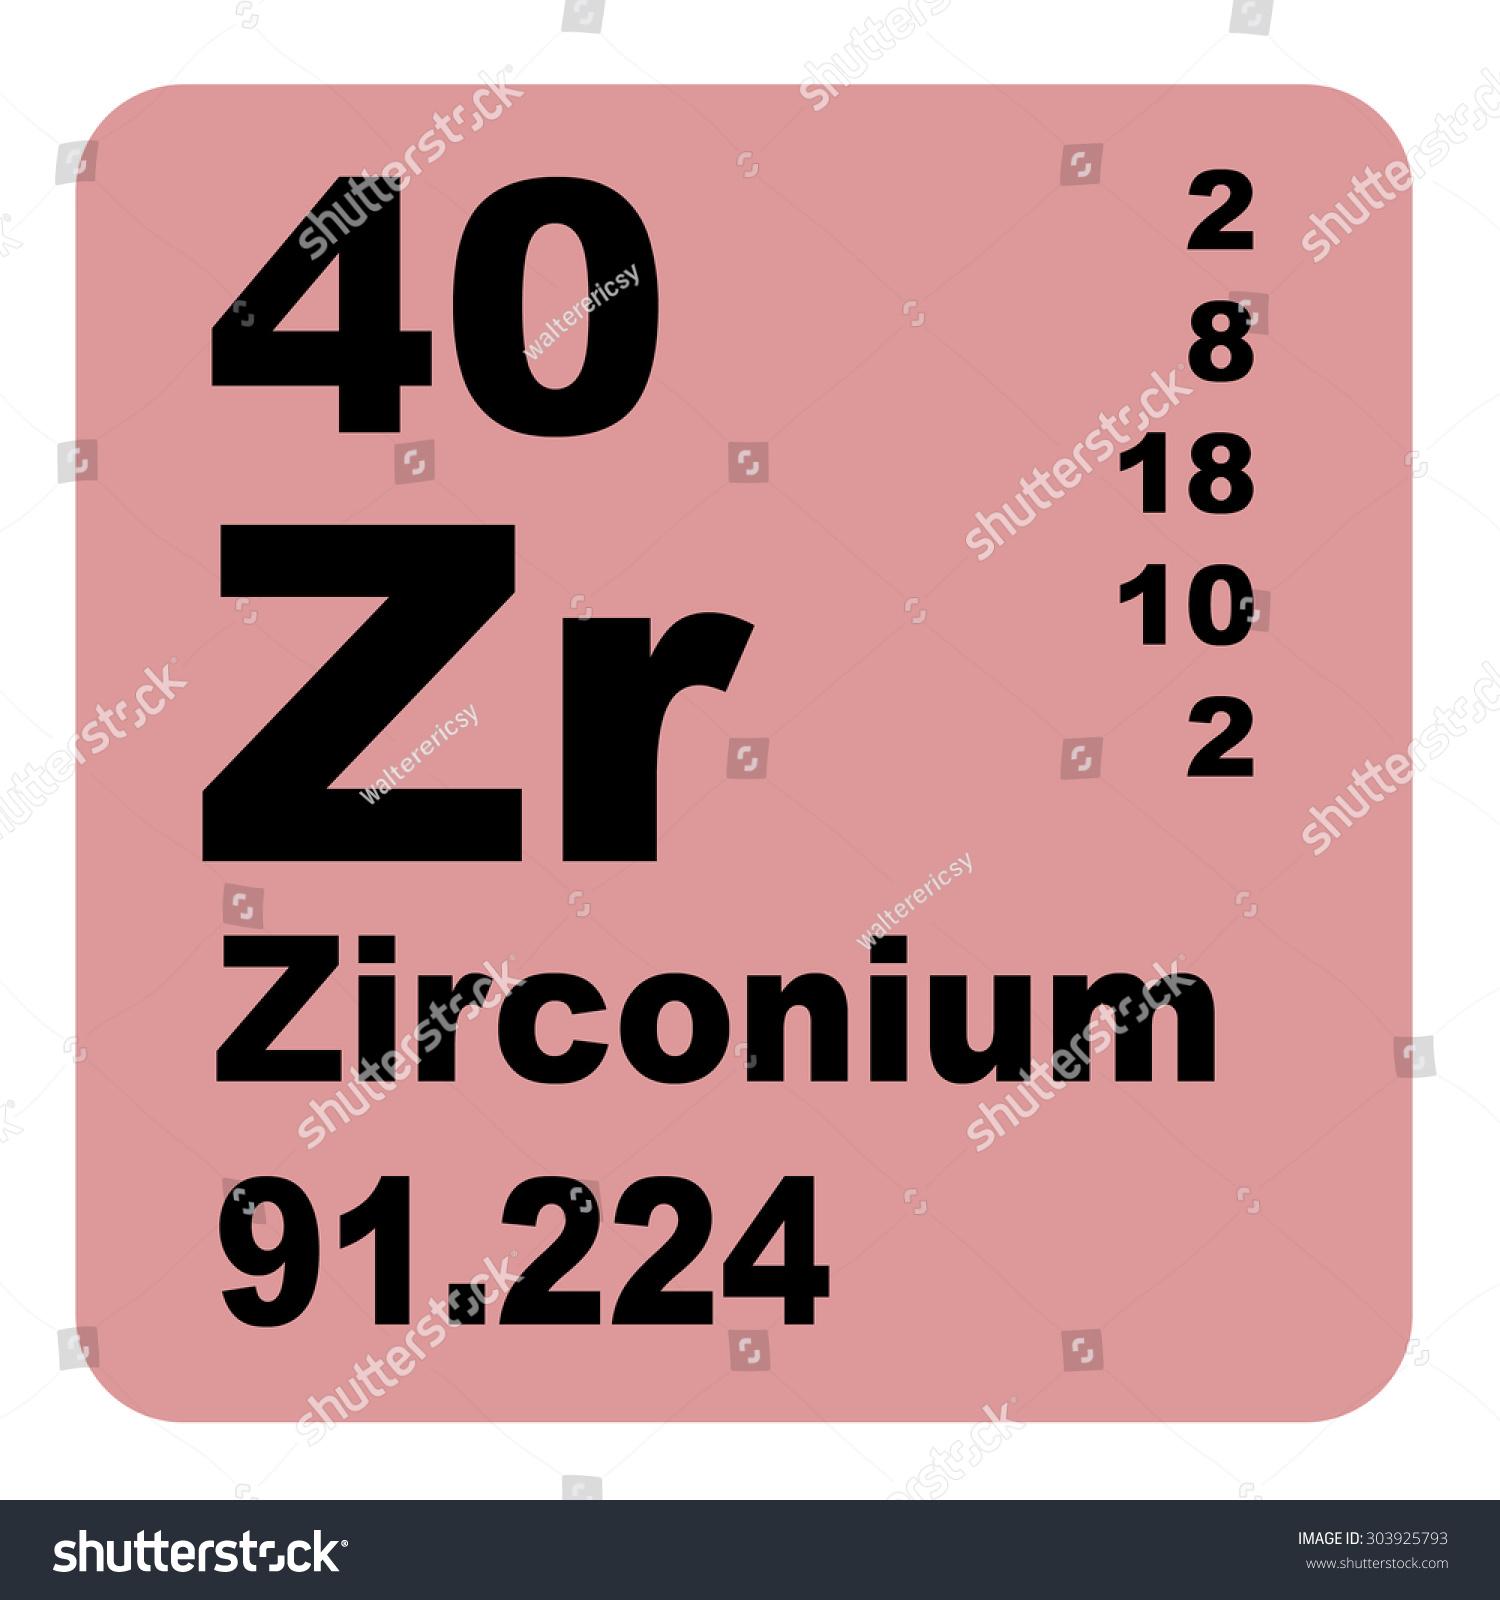 Zirconium periodic table elements stock illustration 303925793 zirconium periodic table of elements gamestrikefo Images